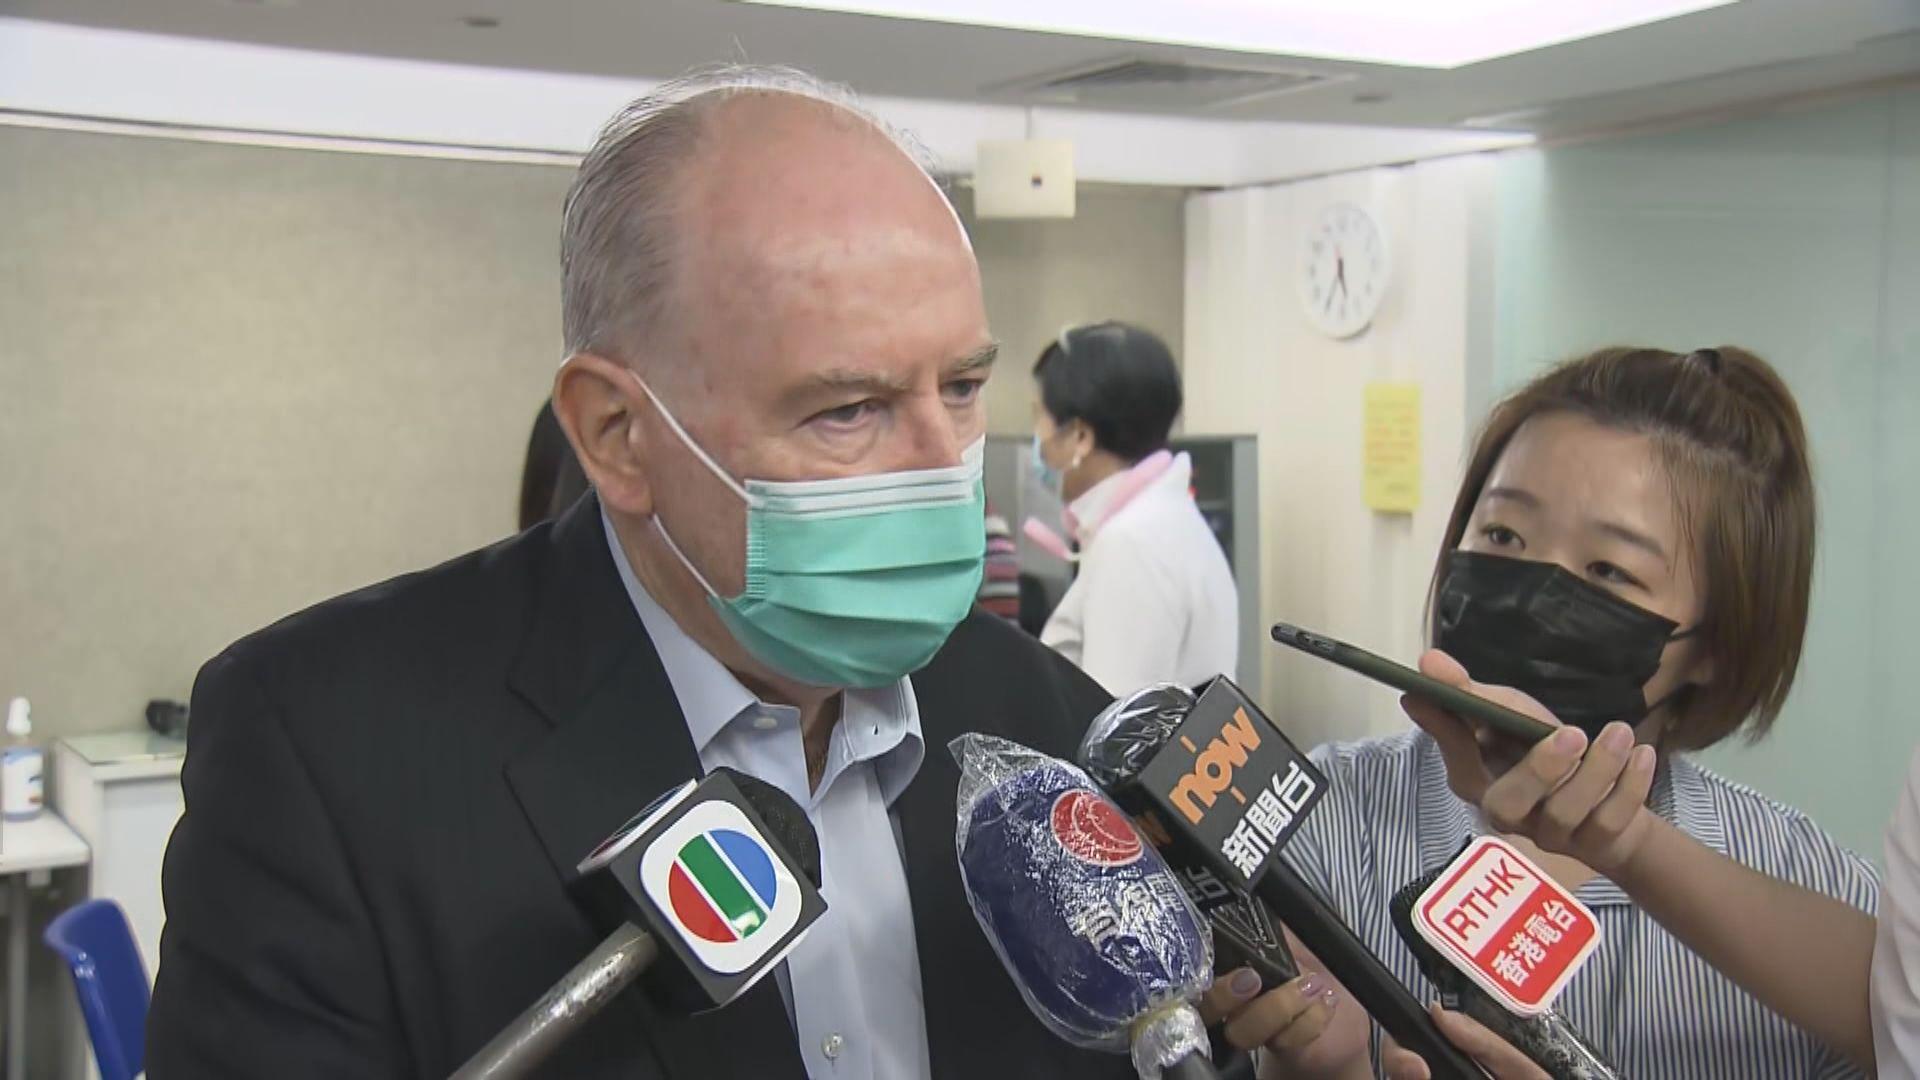 李定國:最終法規或法例的解釋是由香港法院決定